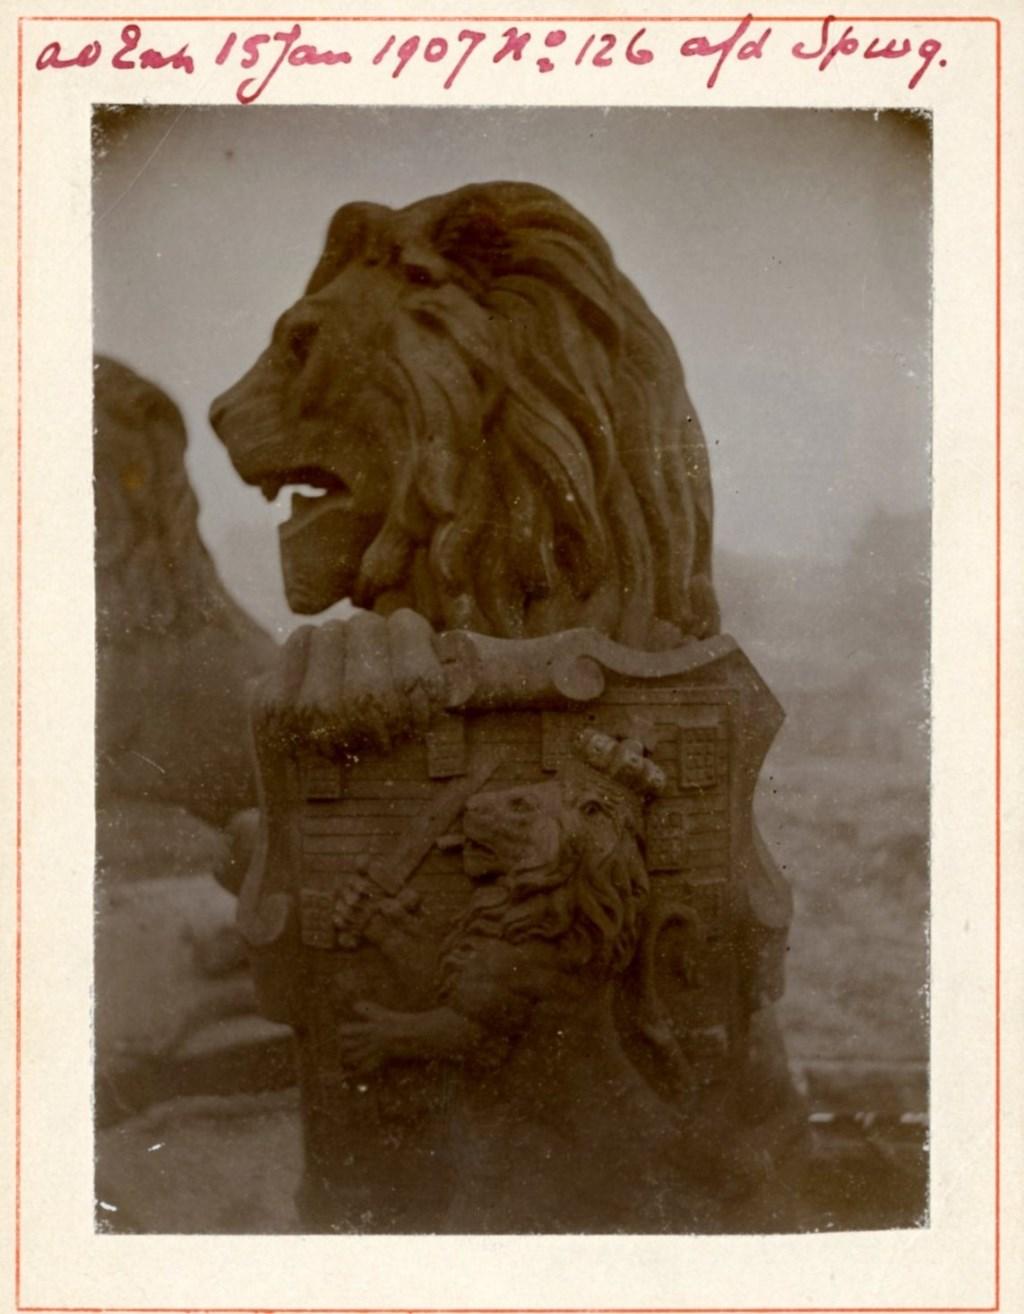 1907, een Amsterdamse Leeuw in afwachting van zijn vertrek naar Vlissingen.